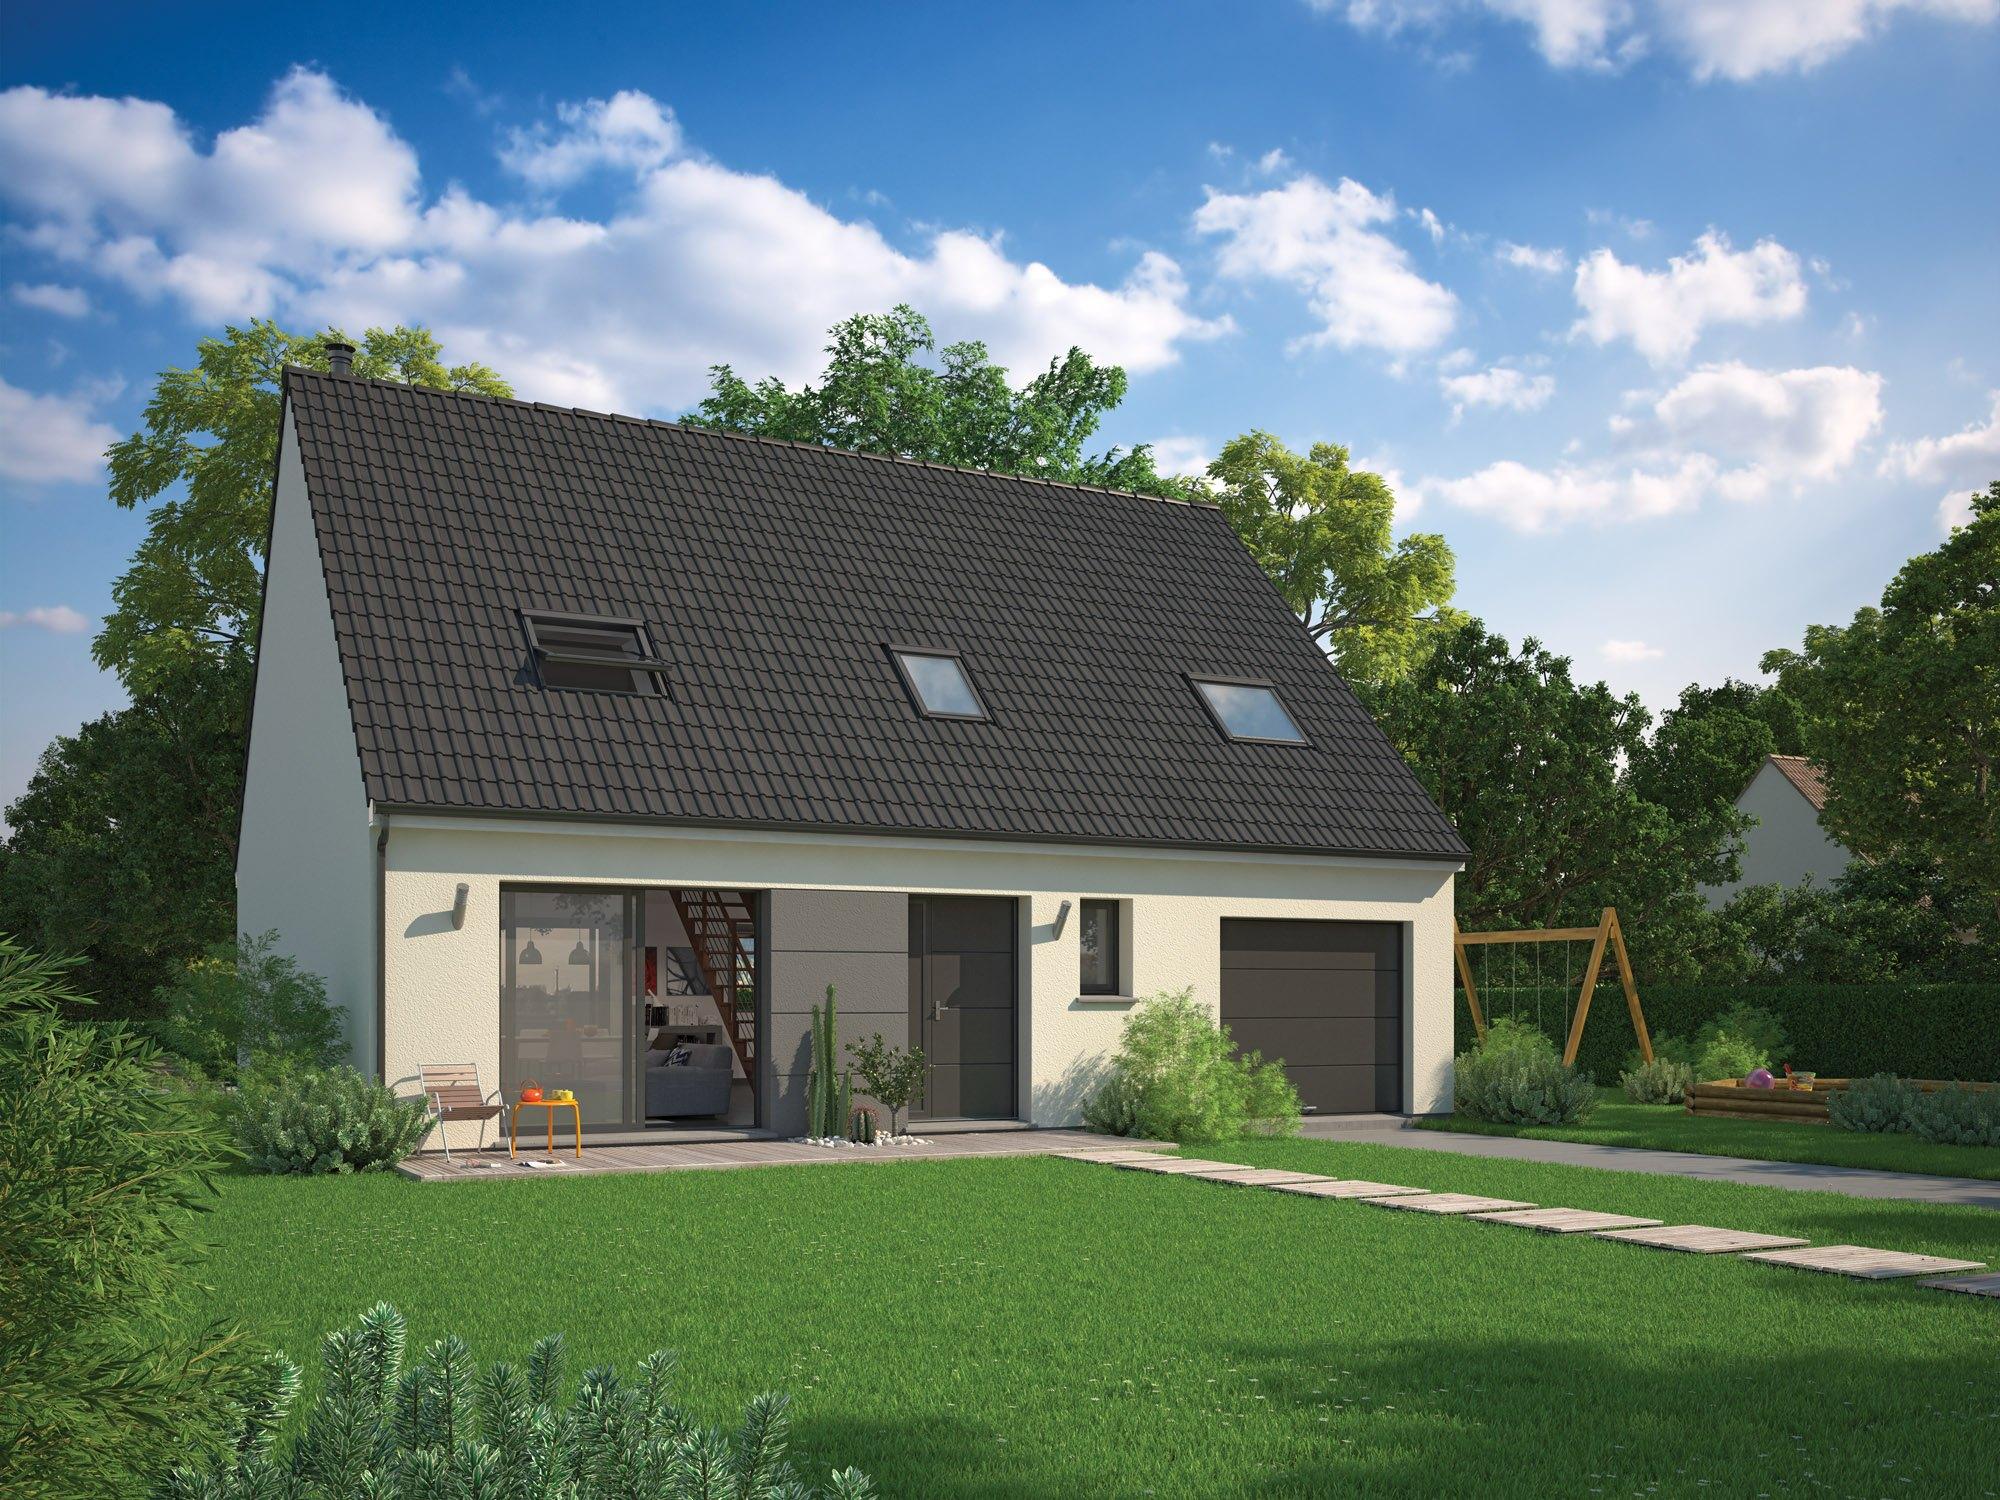 Maisons + Terrains du constructeur MAISON FAMILIALE • 100 m² • DOMONT